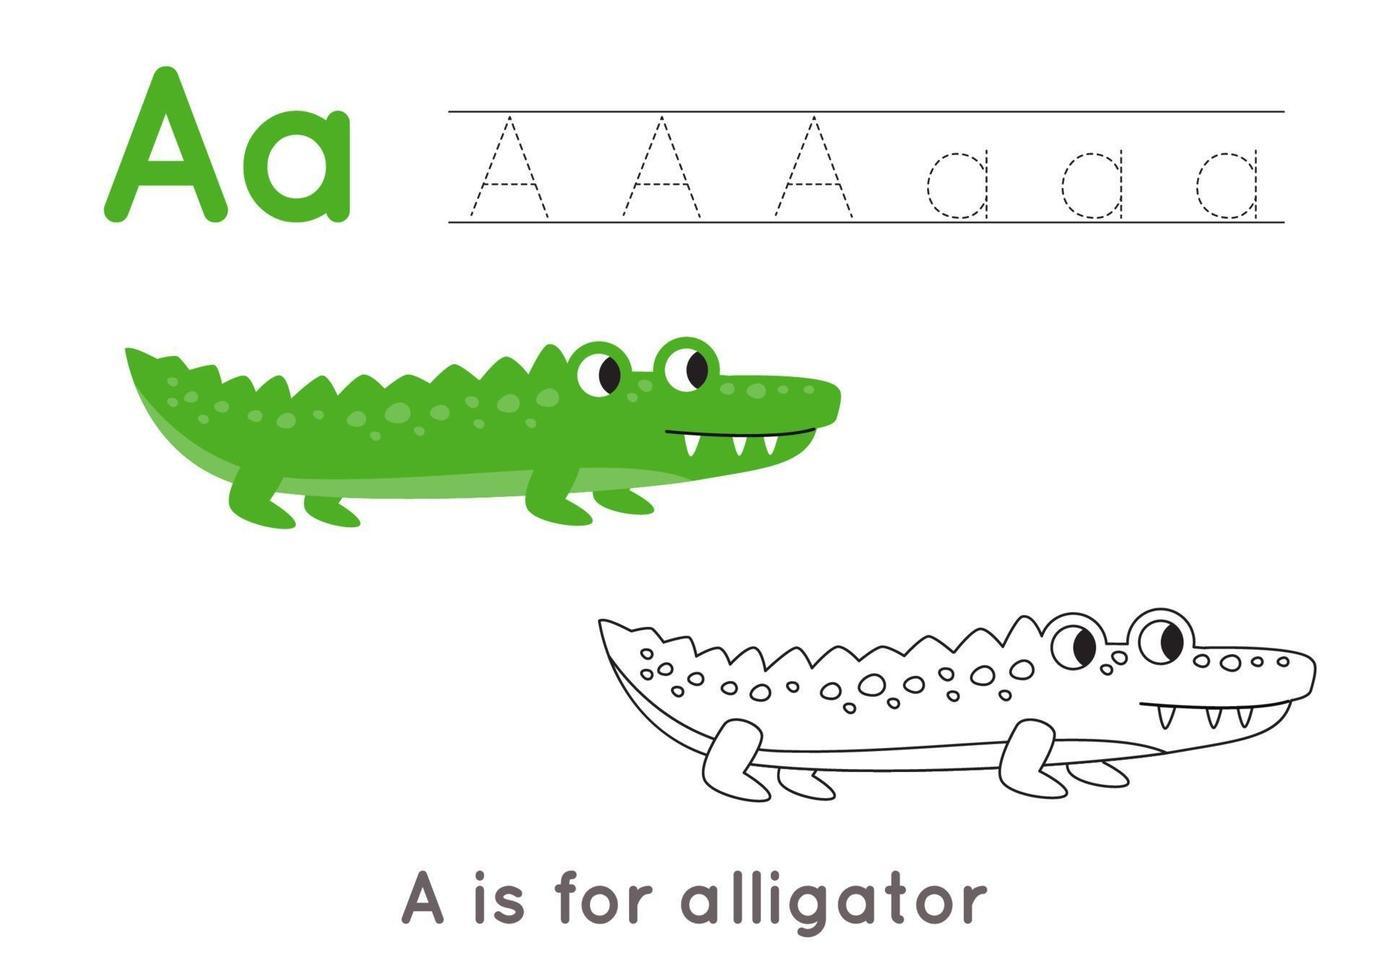 färg- och spårningssida med bokstav a och söt tecknad alligator. vektor